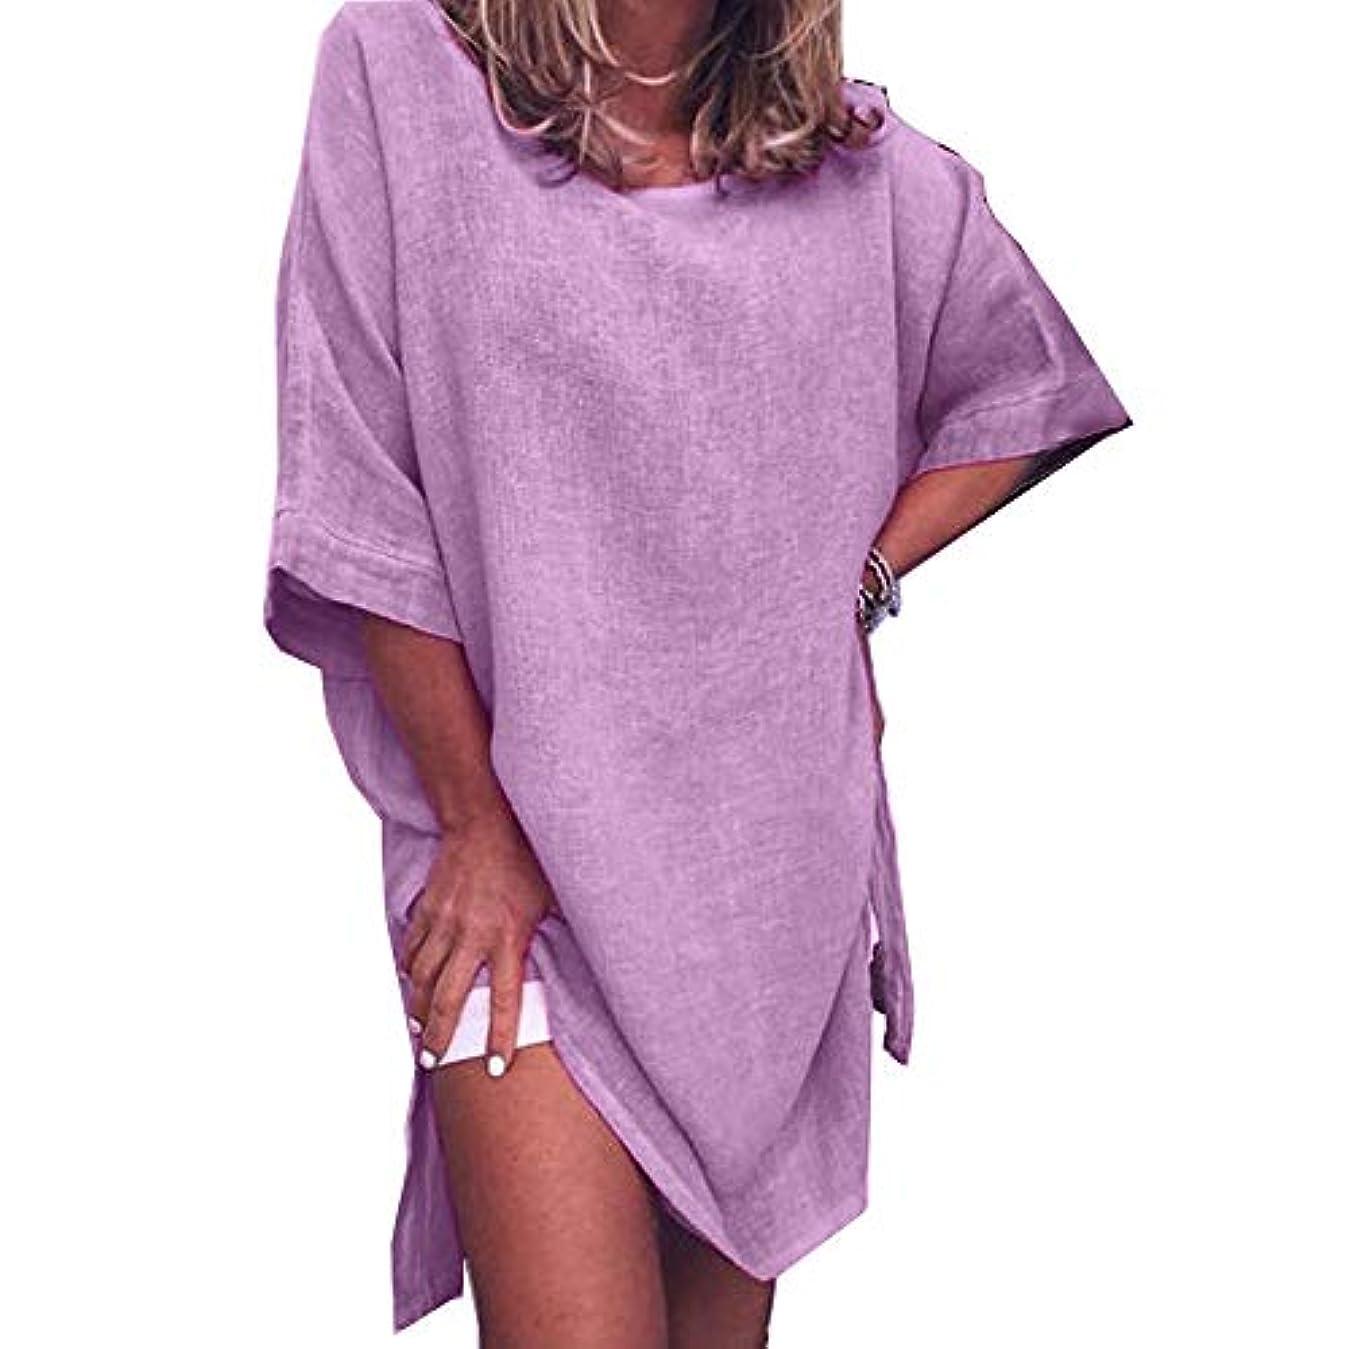 乳防衛おしゃれなMIFAN サマードレス、ビーチドレス、ルーズドレス、プラスサイズ、リネンドレス、トップス&ブラウス、女性ドレス、カジュアルドレス